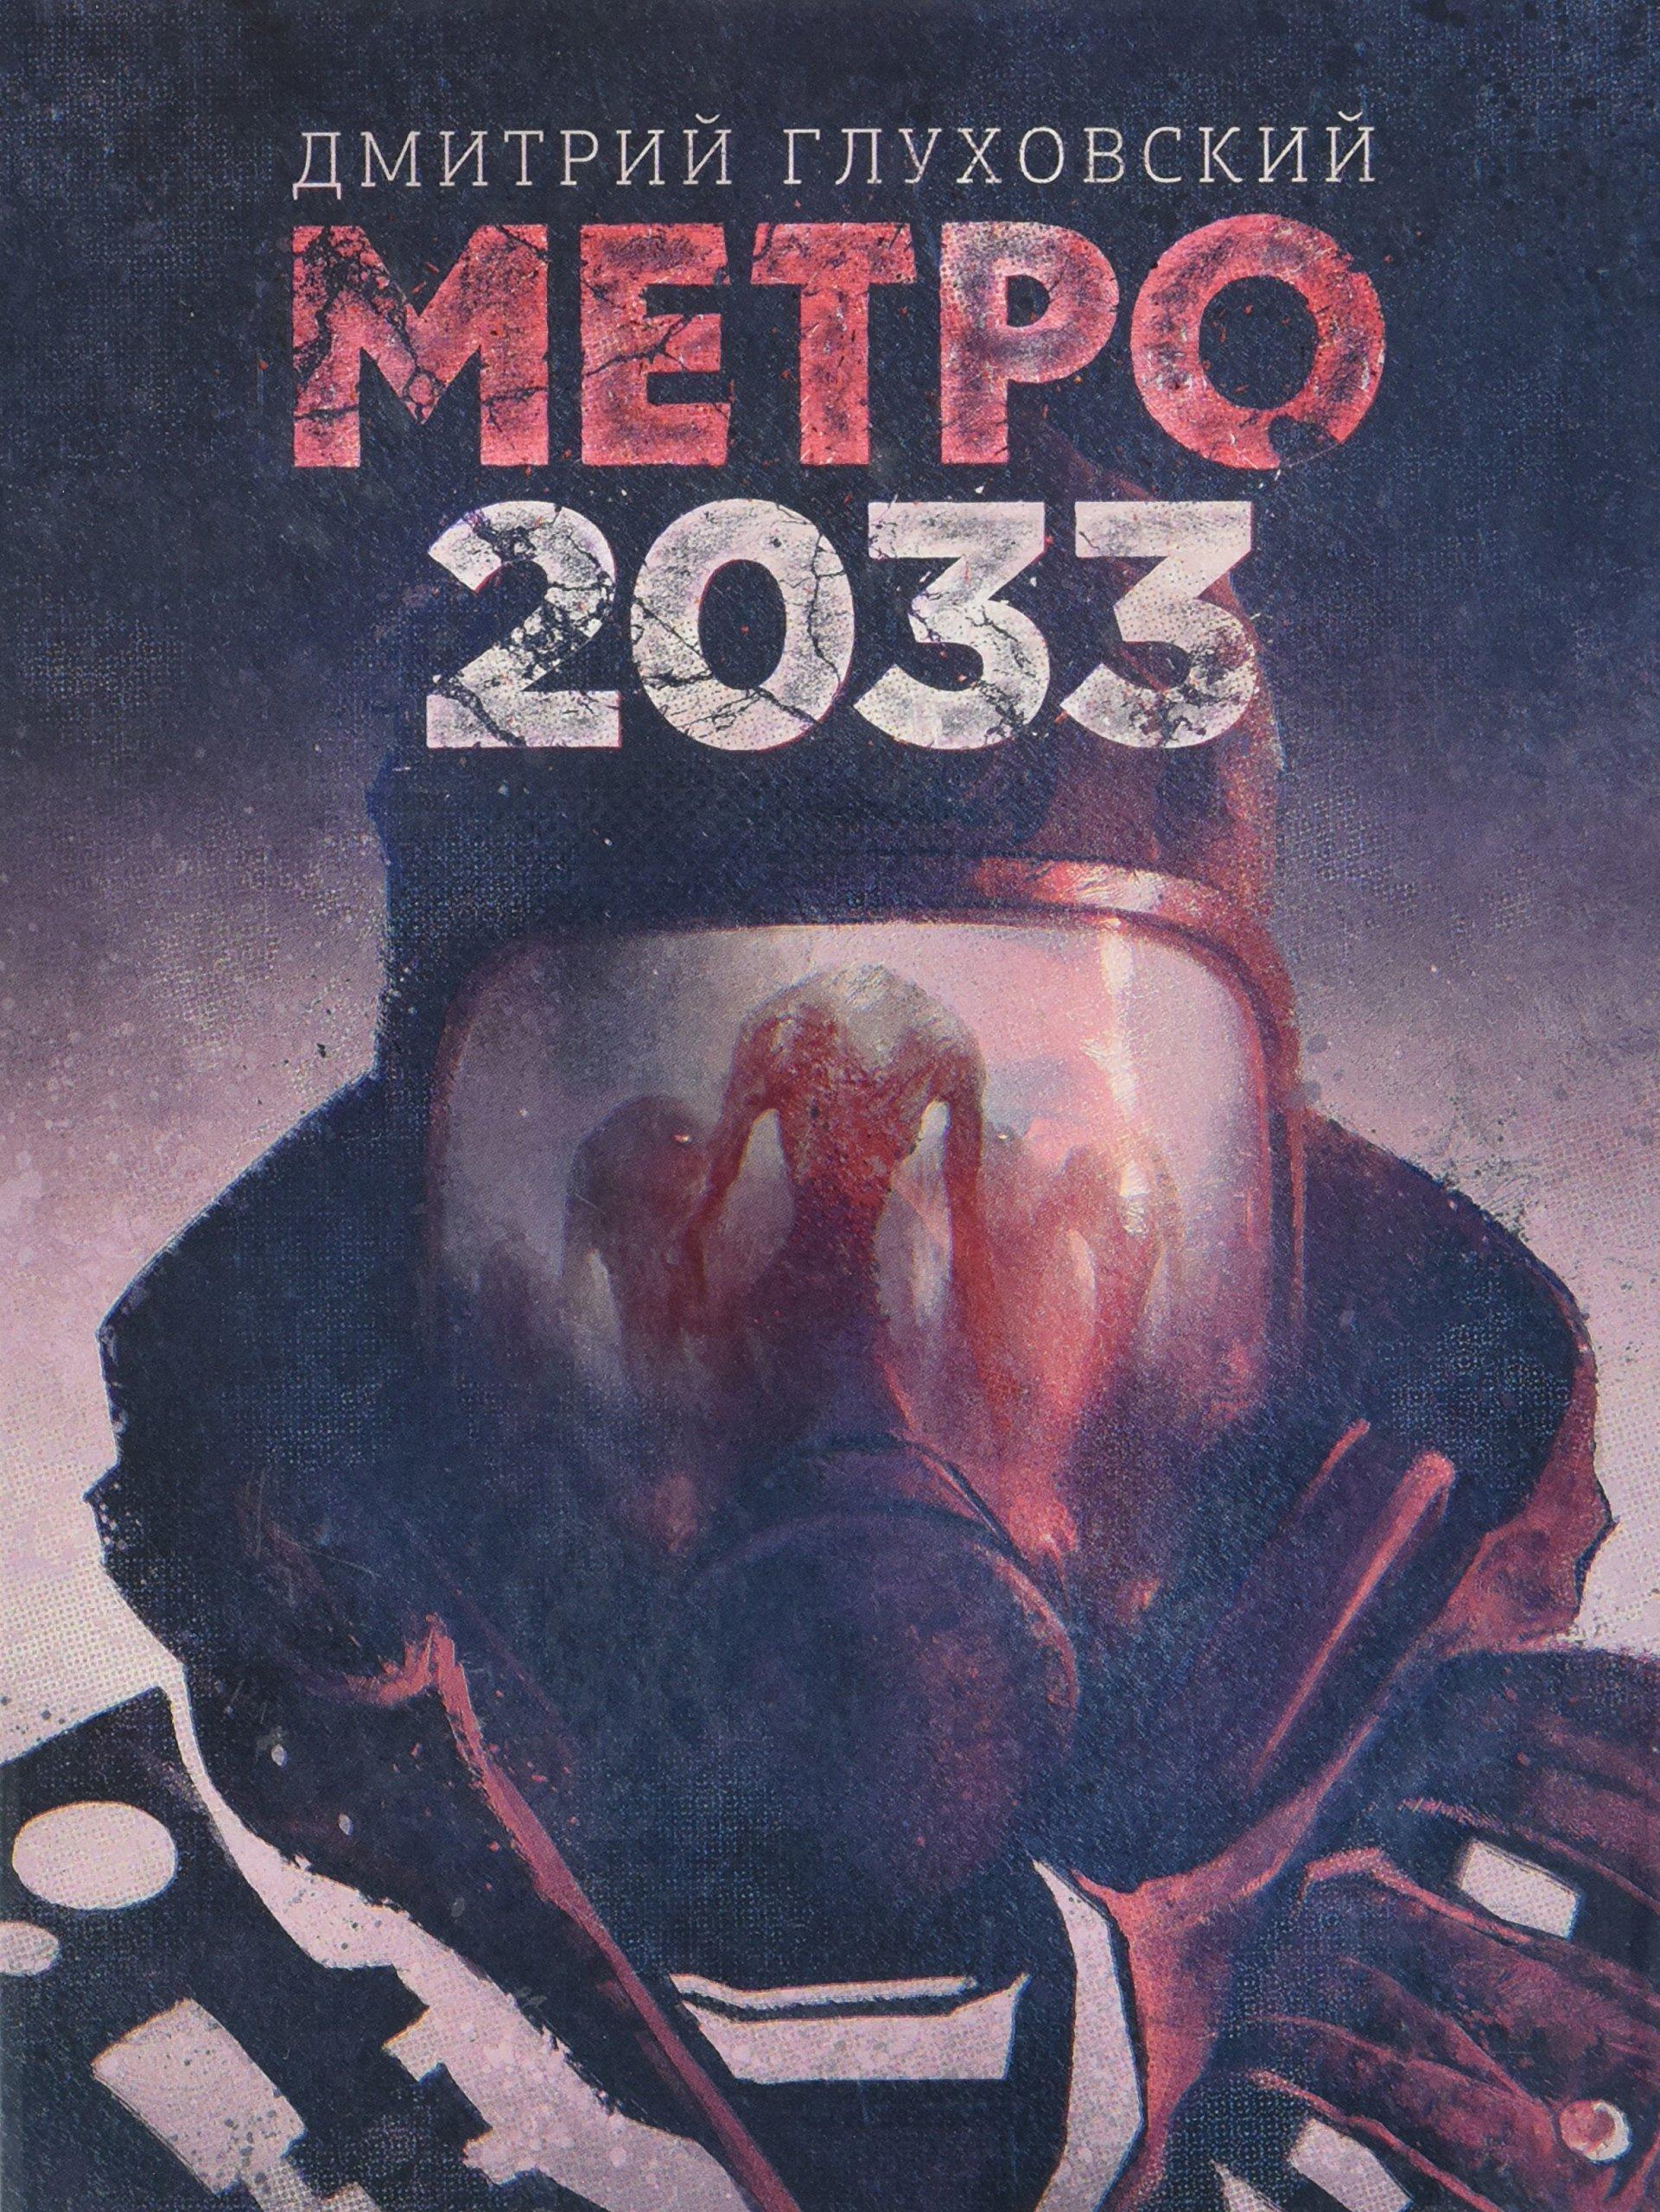 Скачать метро 2033 книга звуковая